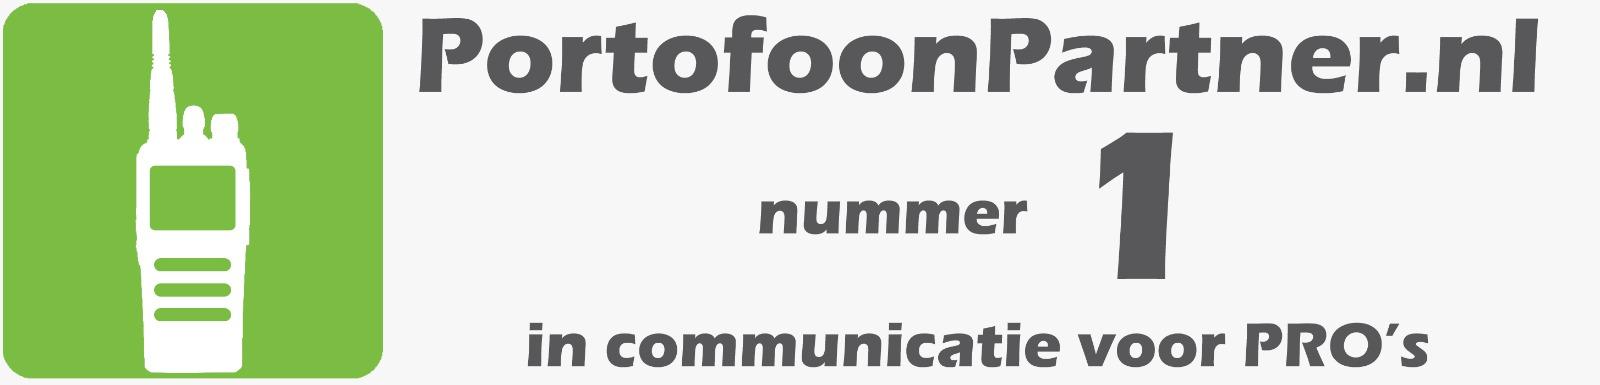 Portofoon partner.nl - uw relatie in communicatie! Helder en duidelijk.